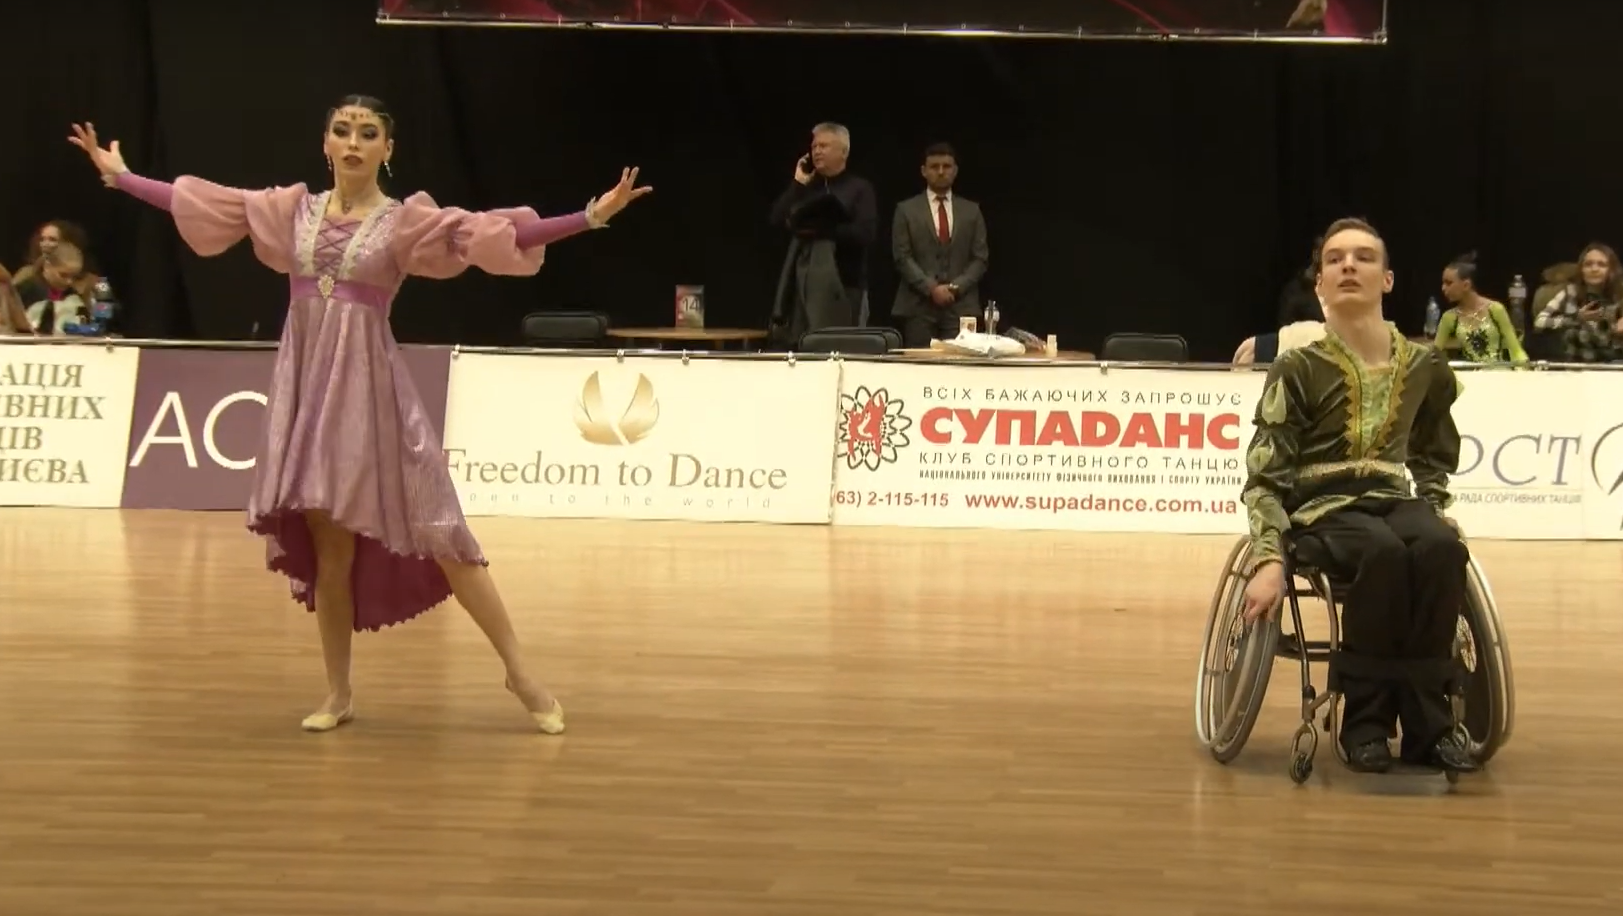 Студент групи ПІ-201 Гірчук Даніїл посів третє місце у Чемпіонаті України зі спортивних танців на візках серед осіб з ураженнями опорно-рухового апарату (Комбі фристайл)